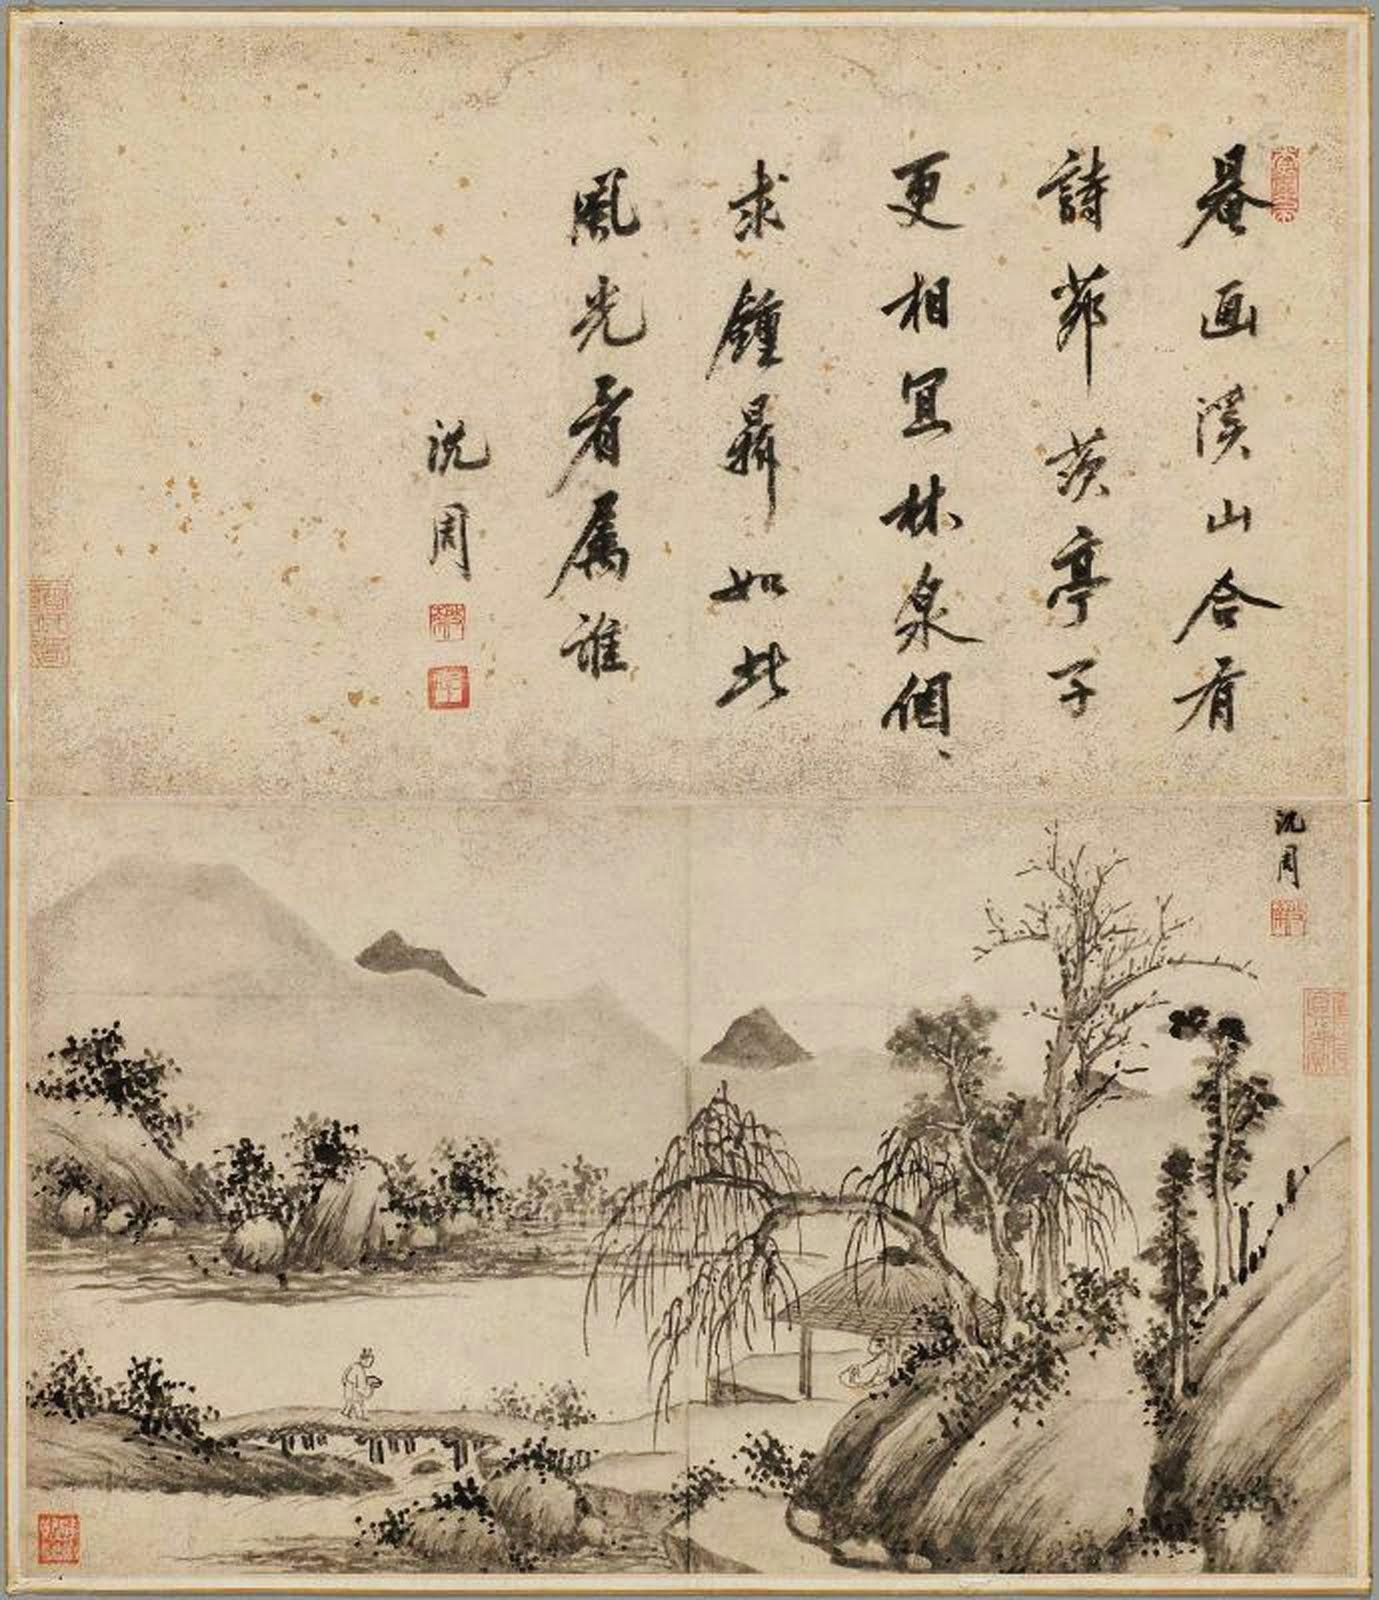 shen zhou Shen zhou, a ming dynasty literati, paints the panoramic hills surrounding the city of shuzou.